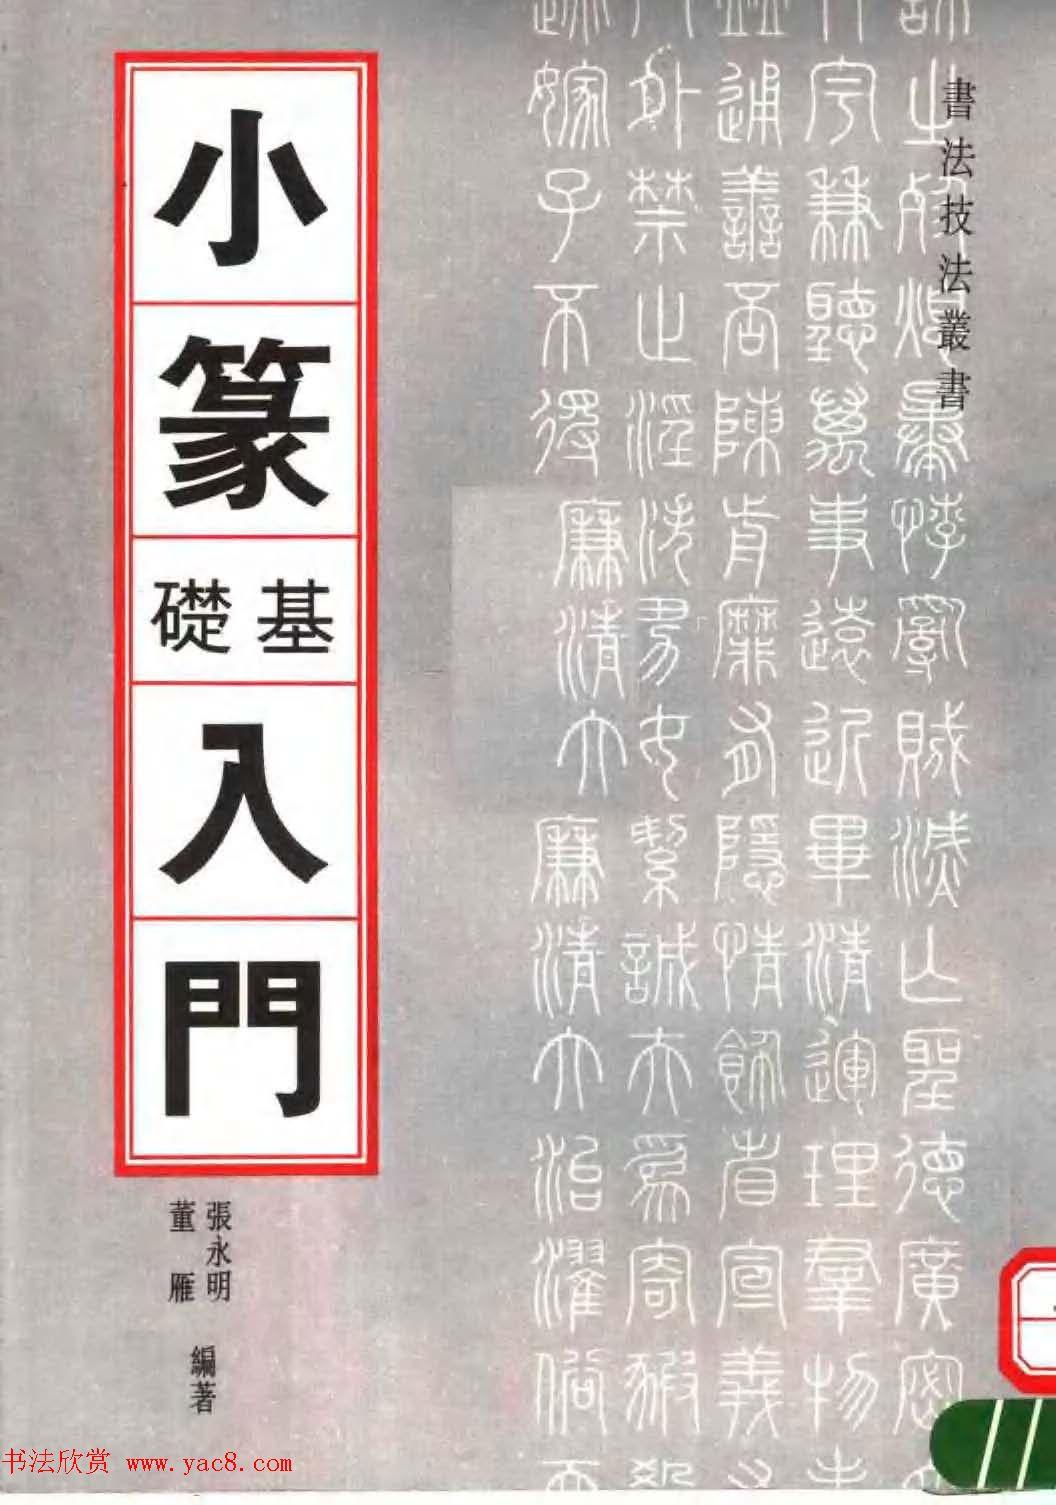 书法技法丛书《小篆基础入门》